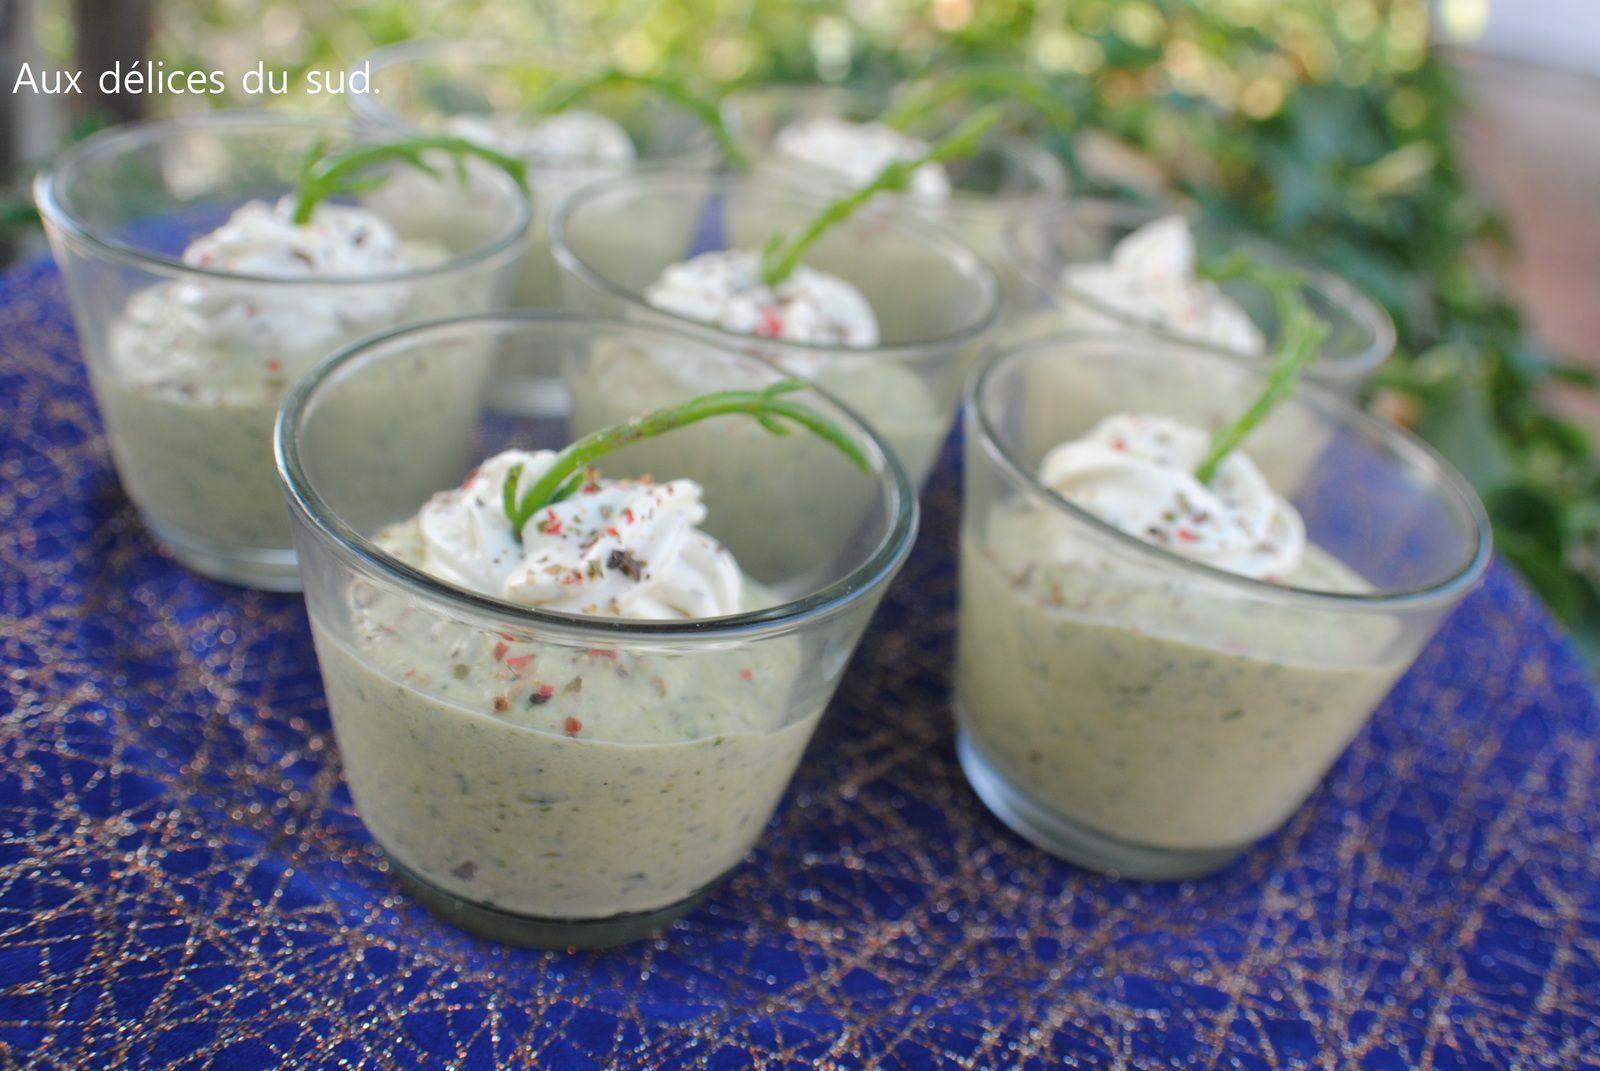 Verrines de courgettes et carrés frais aux herbes .